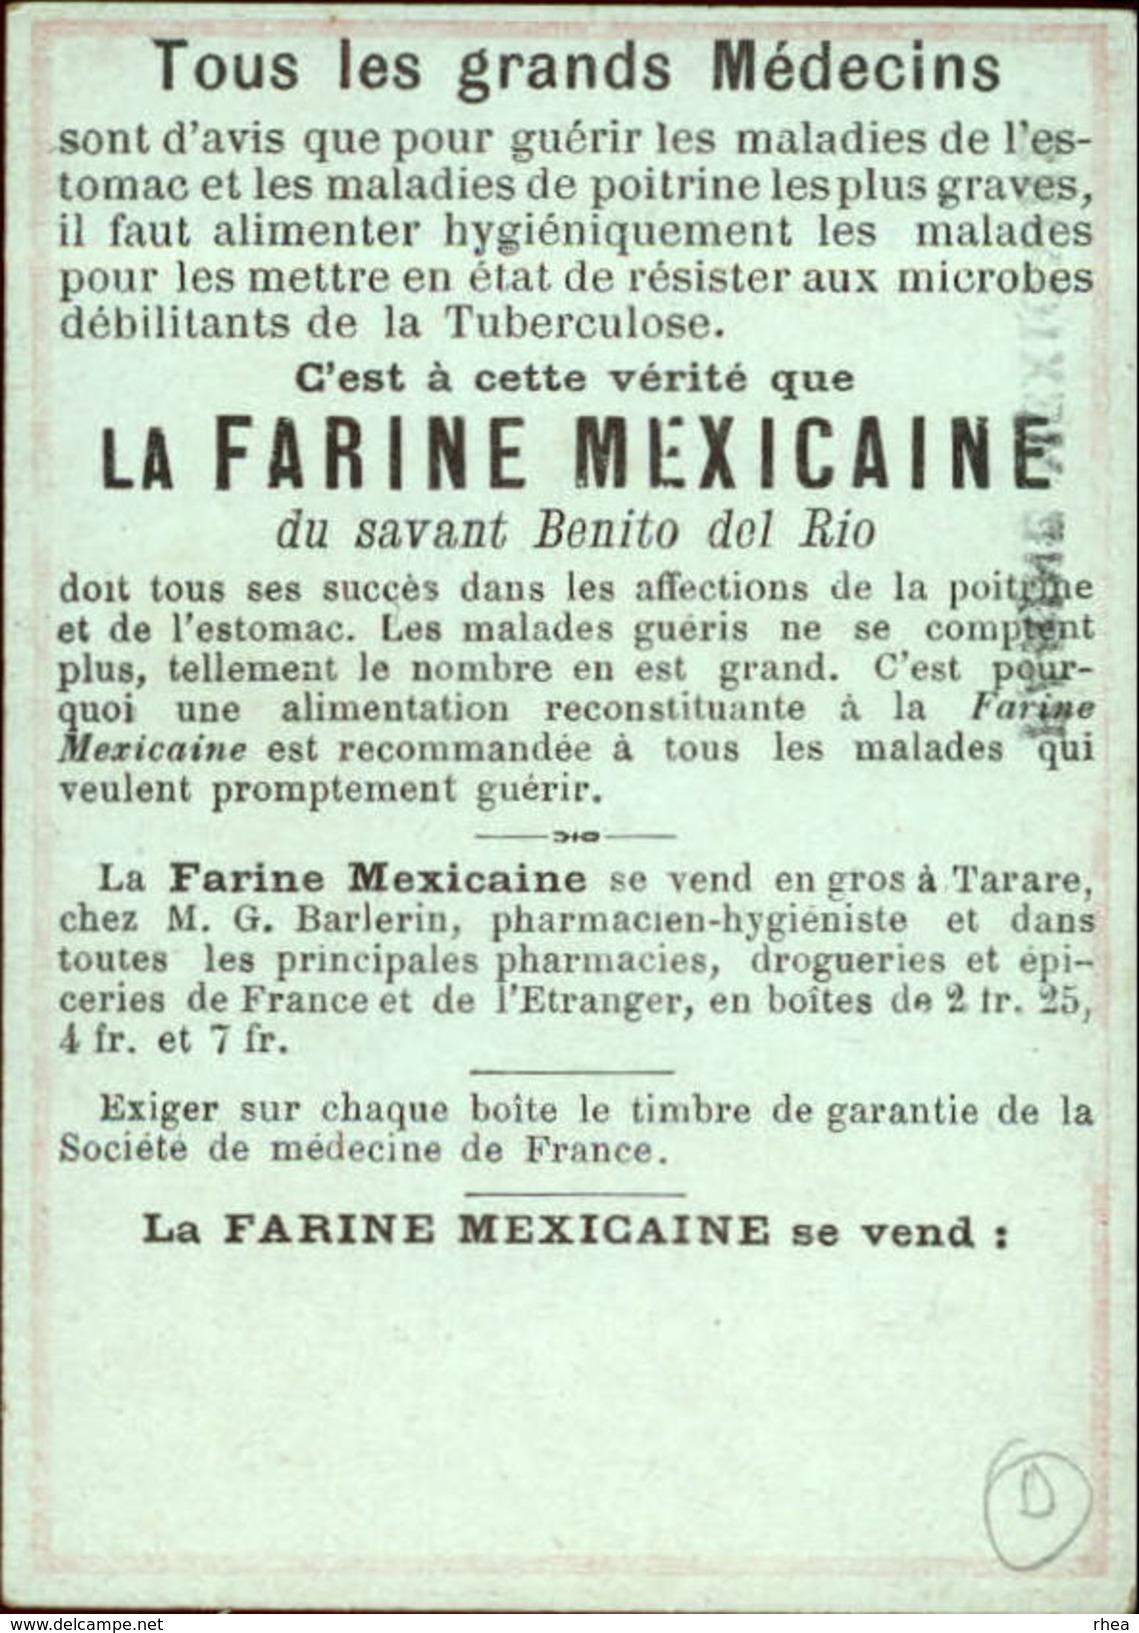 METIERS - CHROMO Farine Mexicaine - REMPAILLEUR DE CHAISES - Chromos